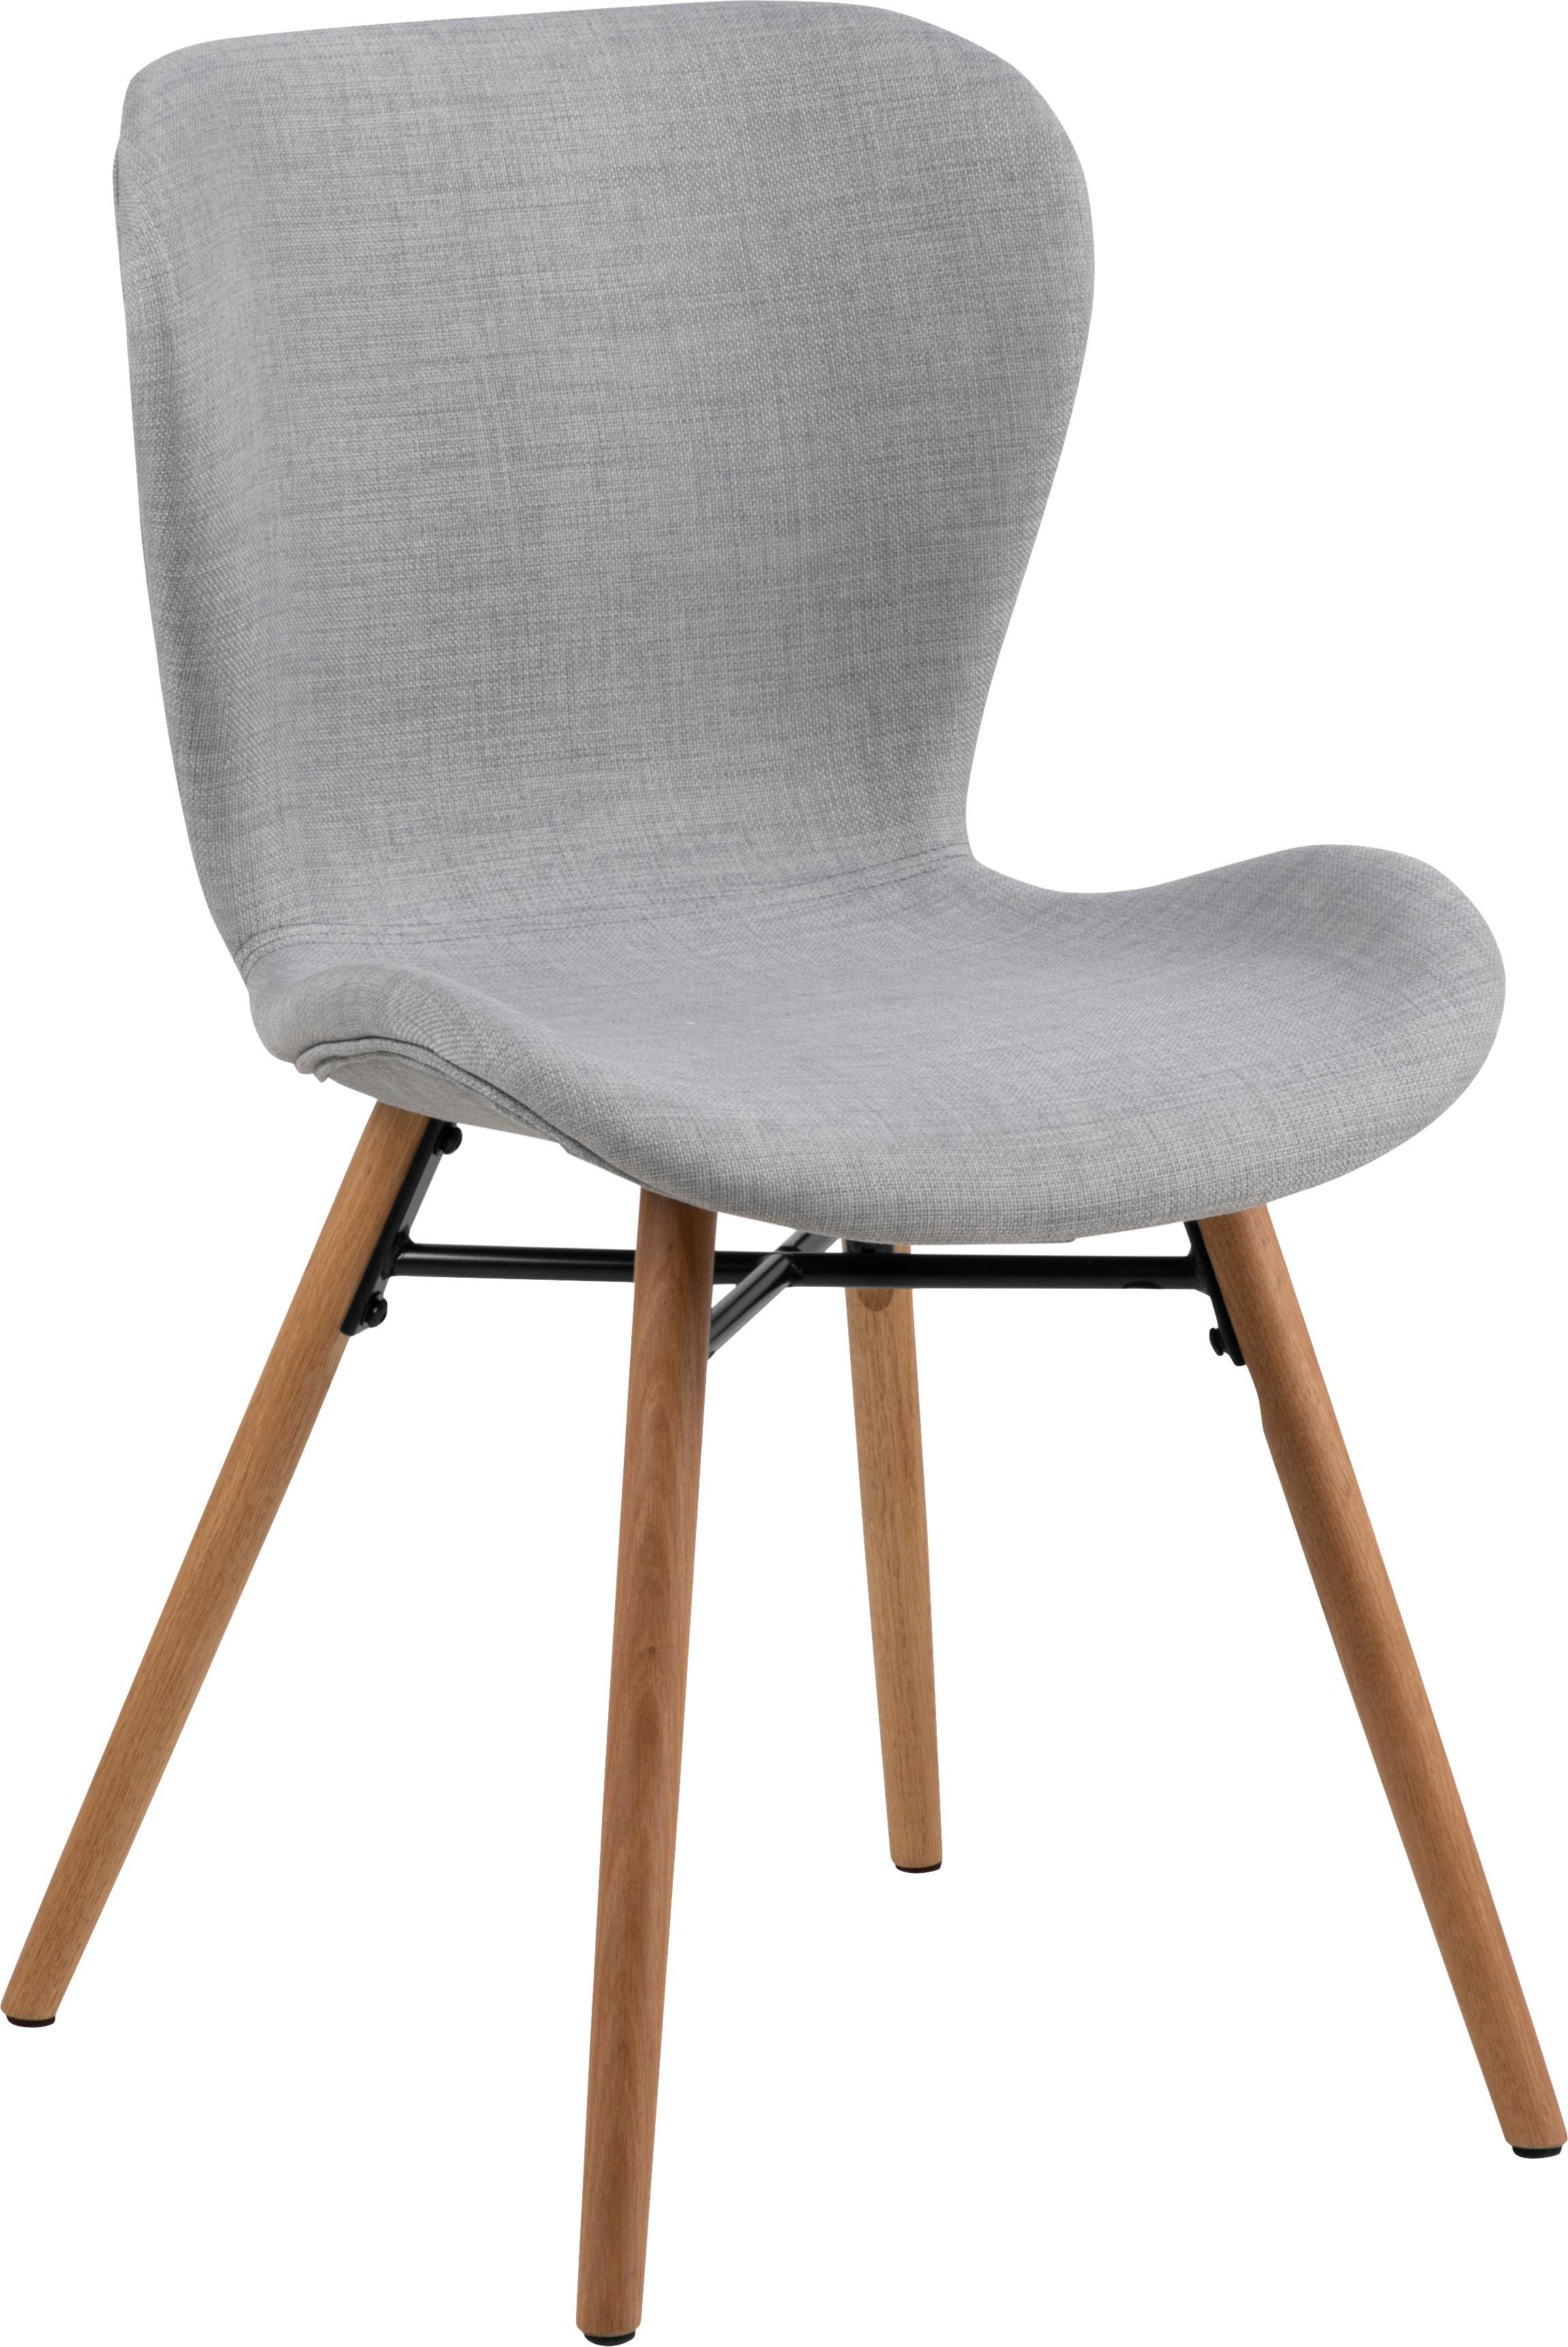 Krzesło tapicerowane Batilda, 2 szt., Tapicerka: poliester 25000 cykli w , Nogi: drewno dębowe, lite, laki, Jasny szary, S 56 x W 83 cm